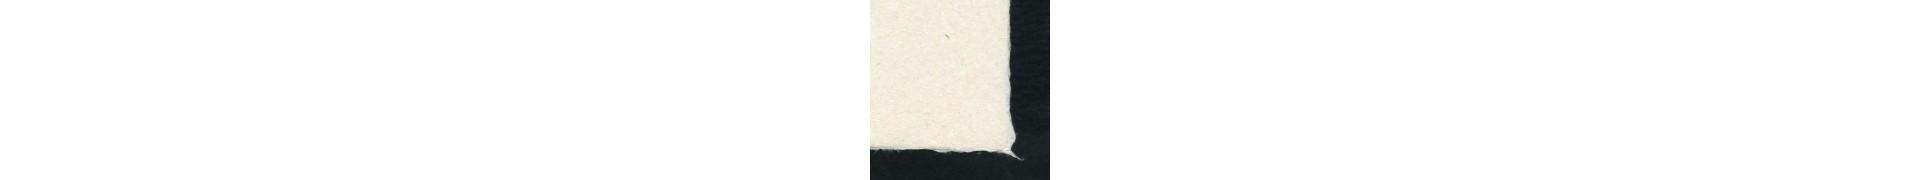 Papier du monde CDQV Thailandaise - F:67 x 97 cm TK 160G